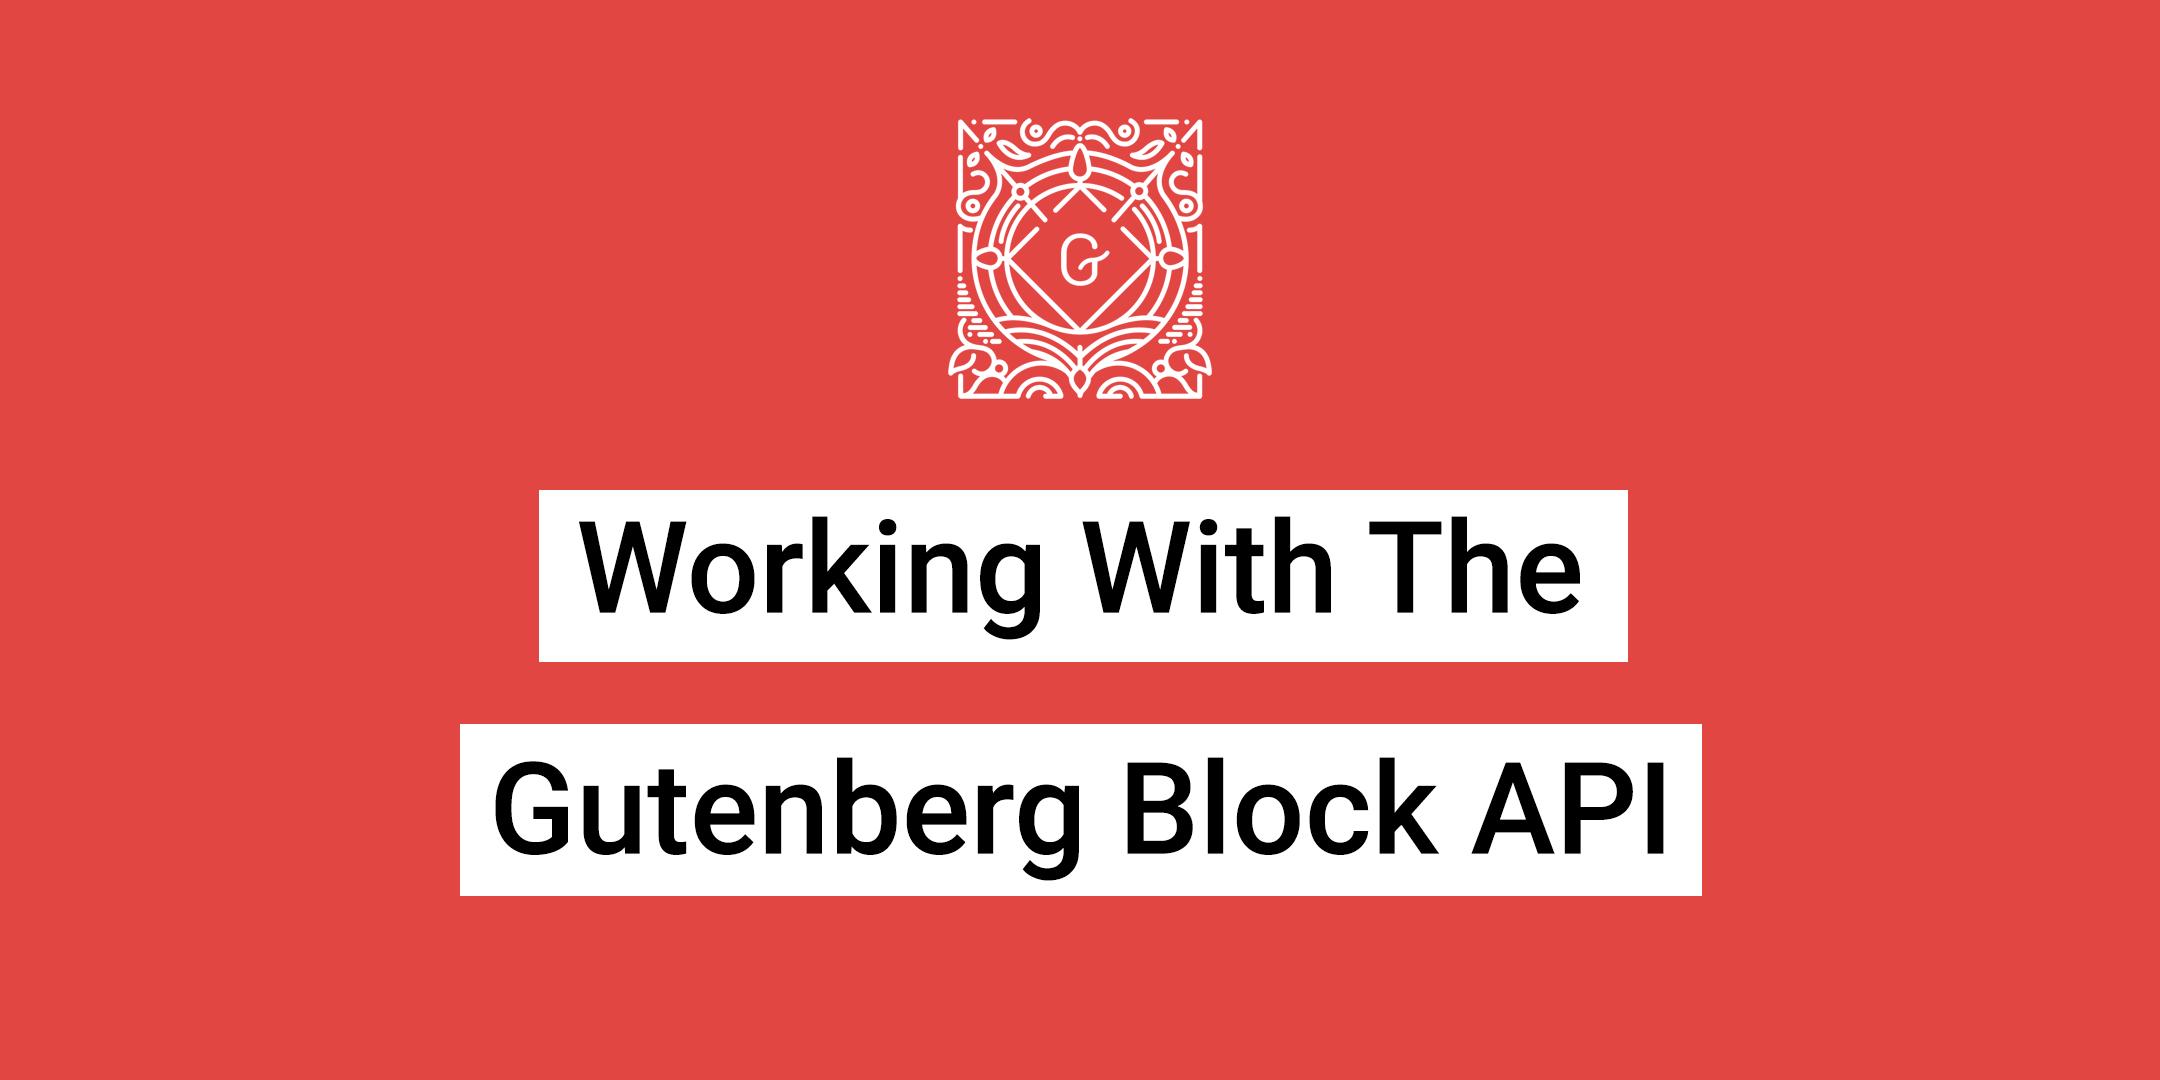 Gutenberg Block API